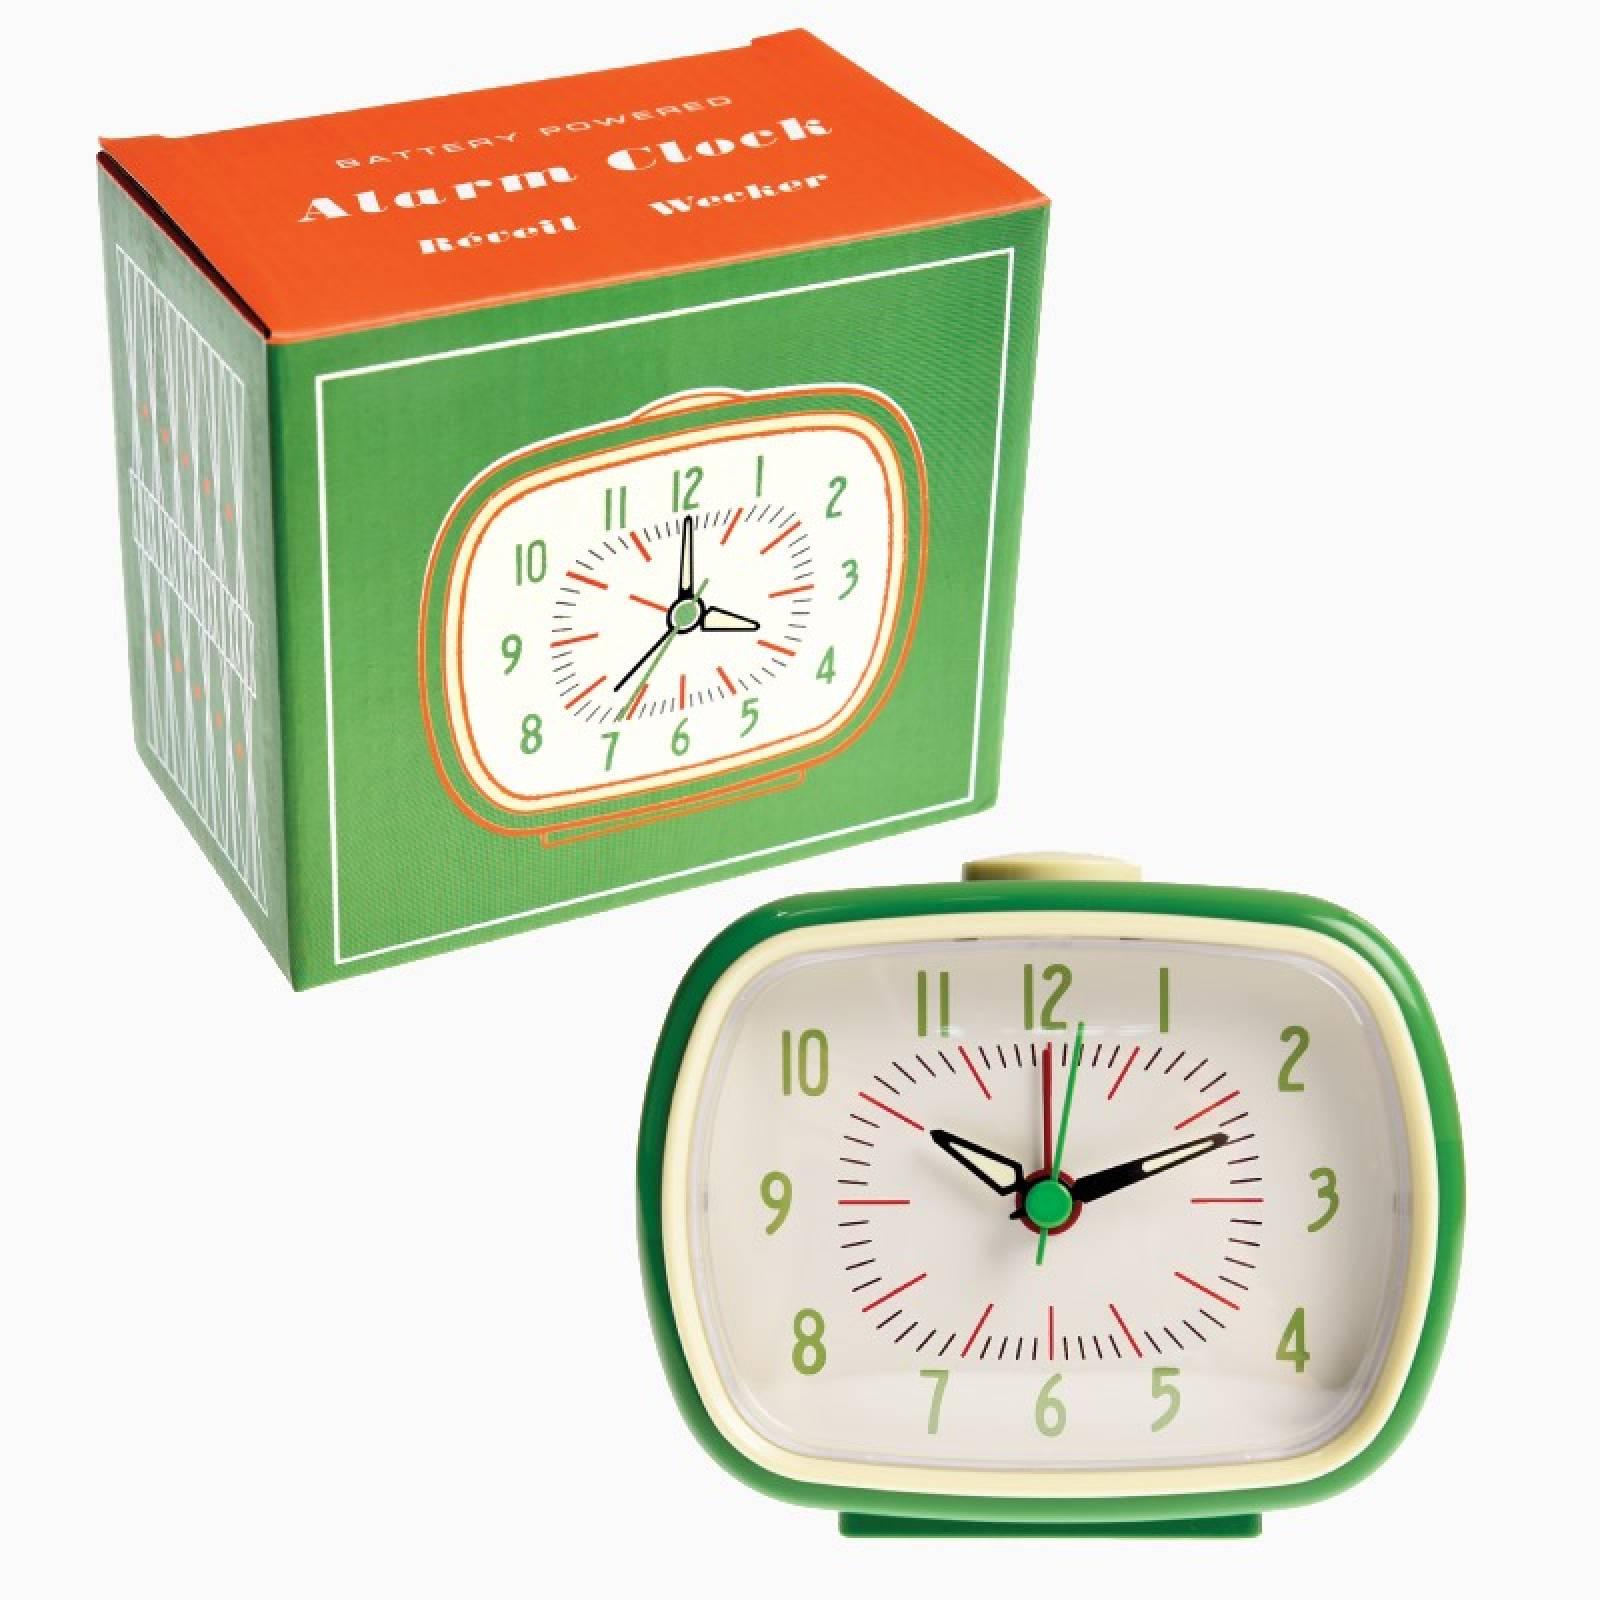 Retro Alarm Clock - Green thumbnails